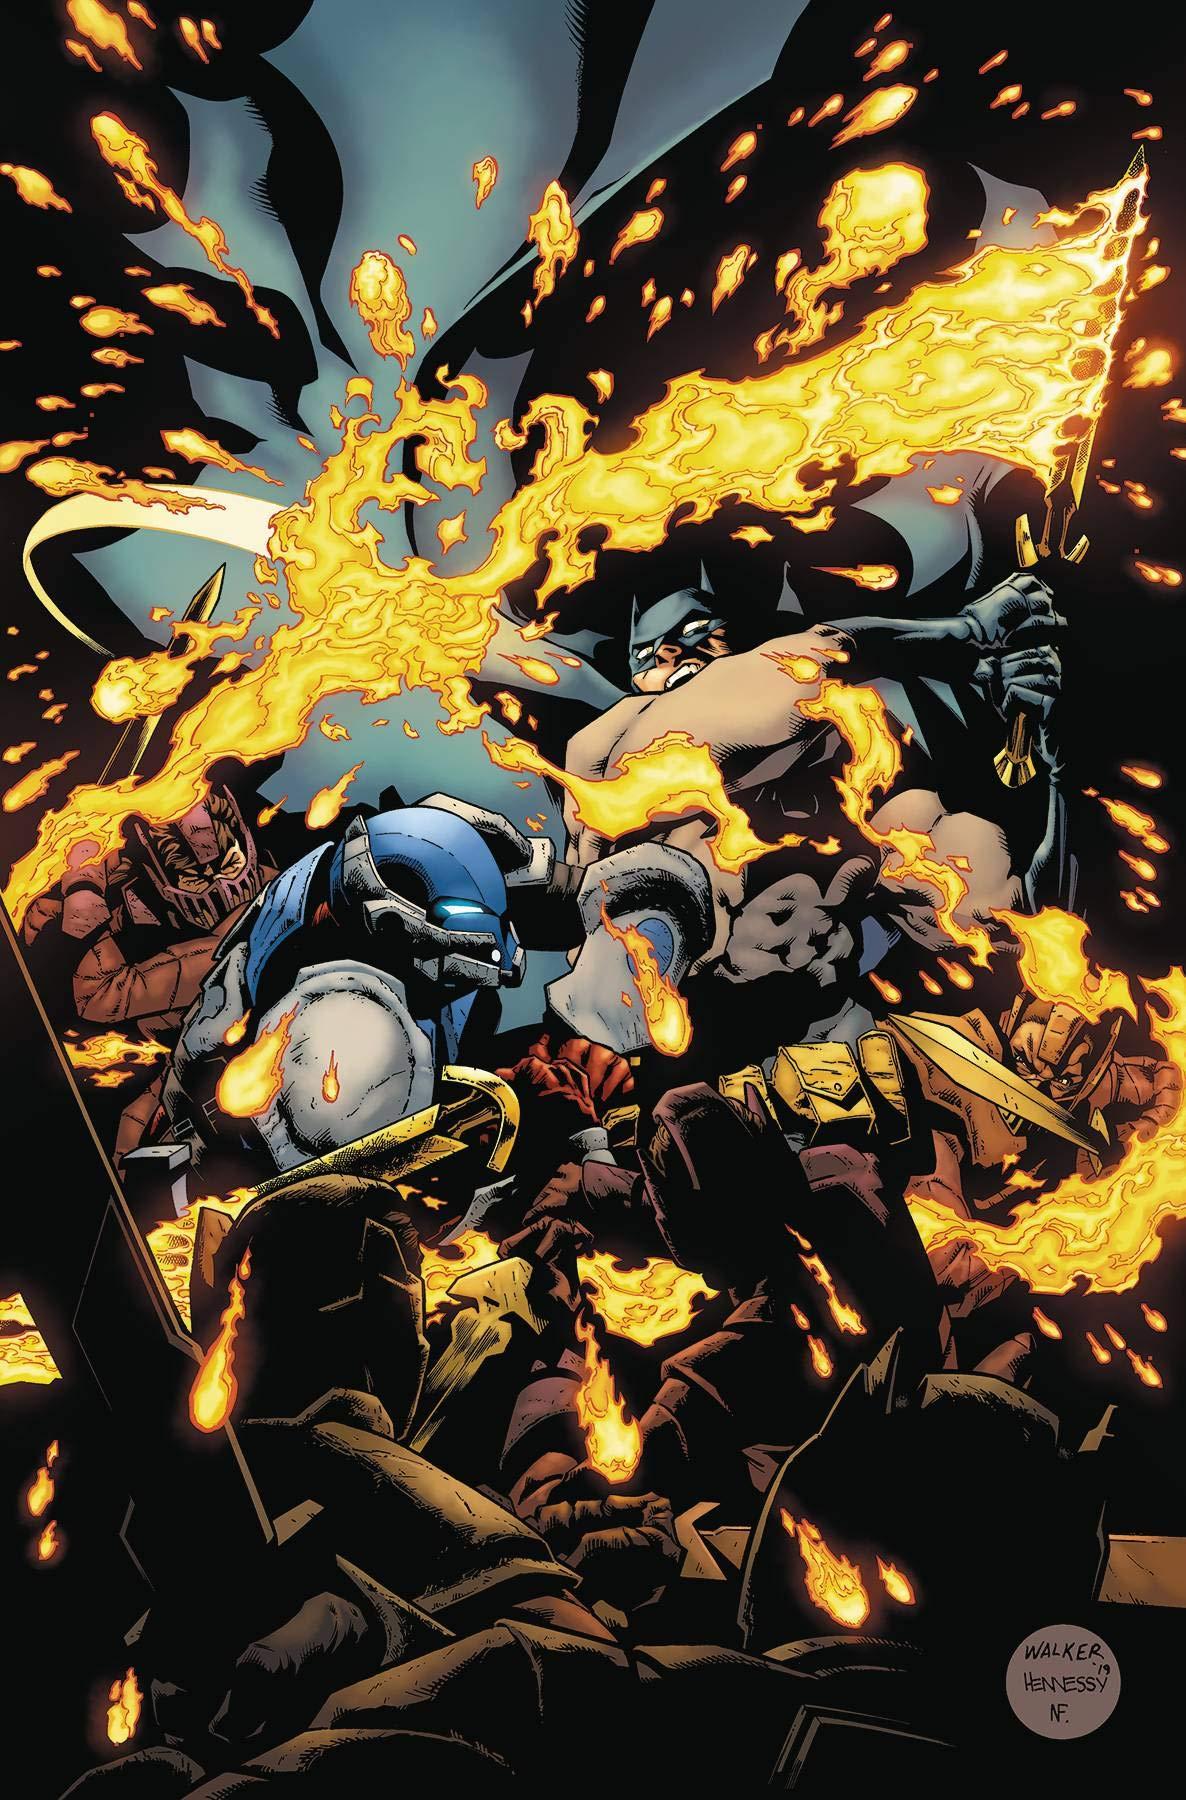 Action Comics #1005 Main Cover STOCK PHOTOS DC Comics 2019